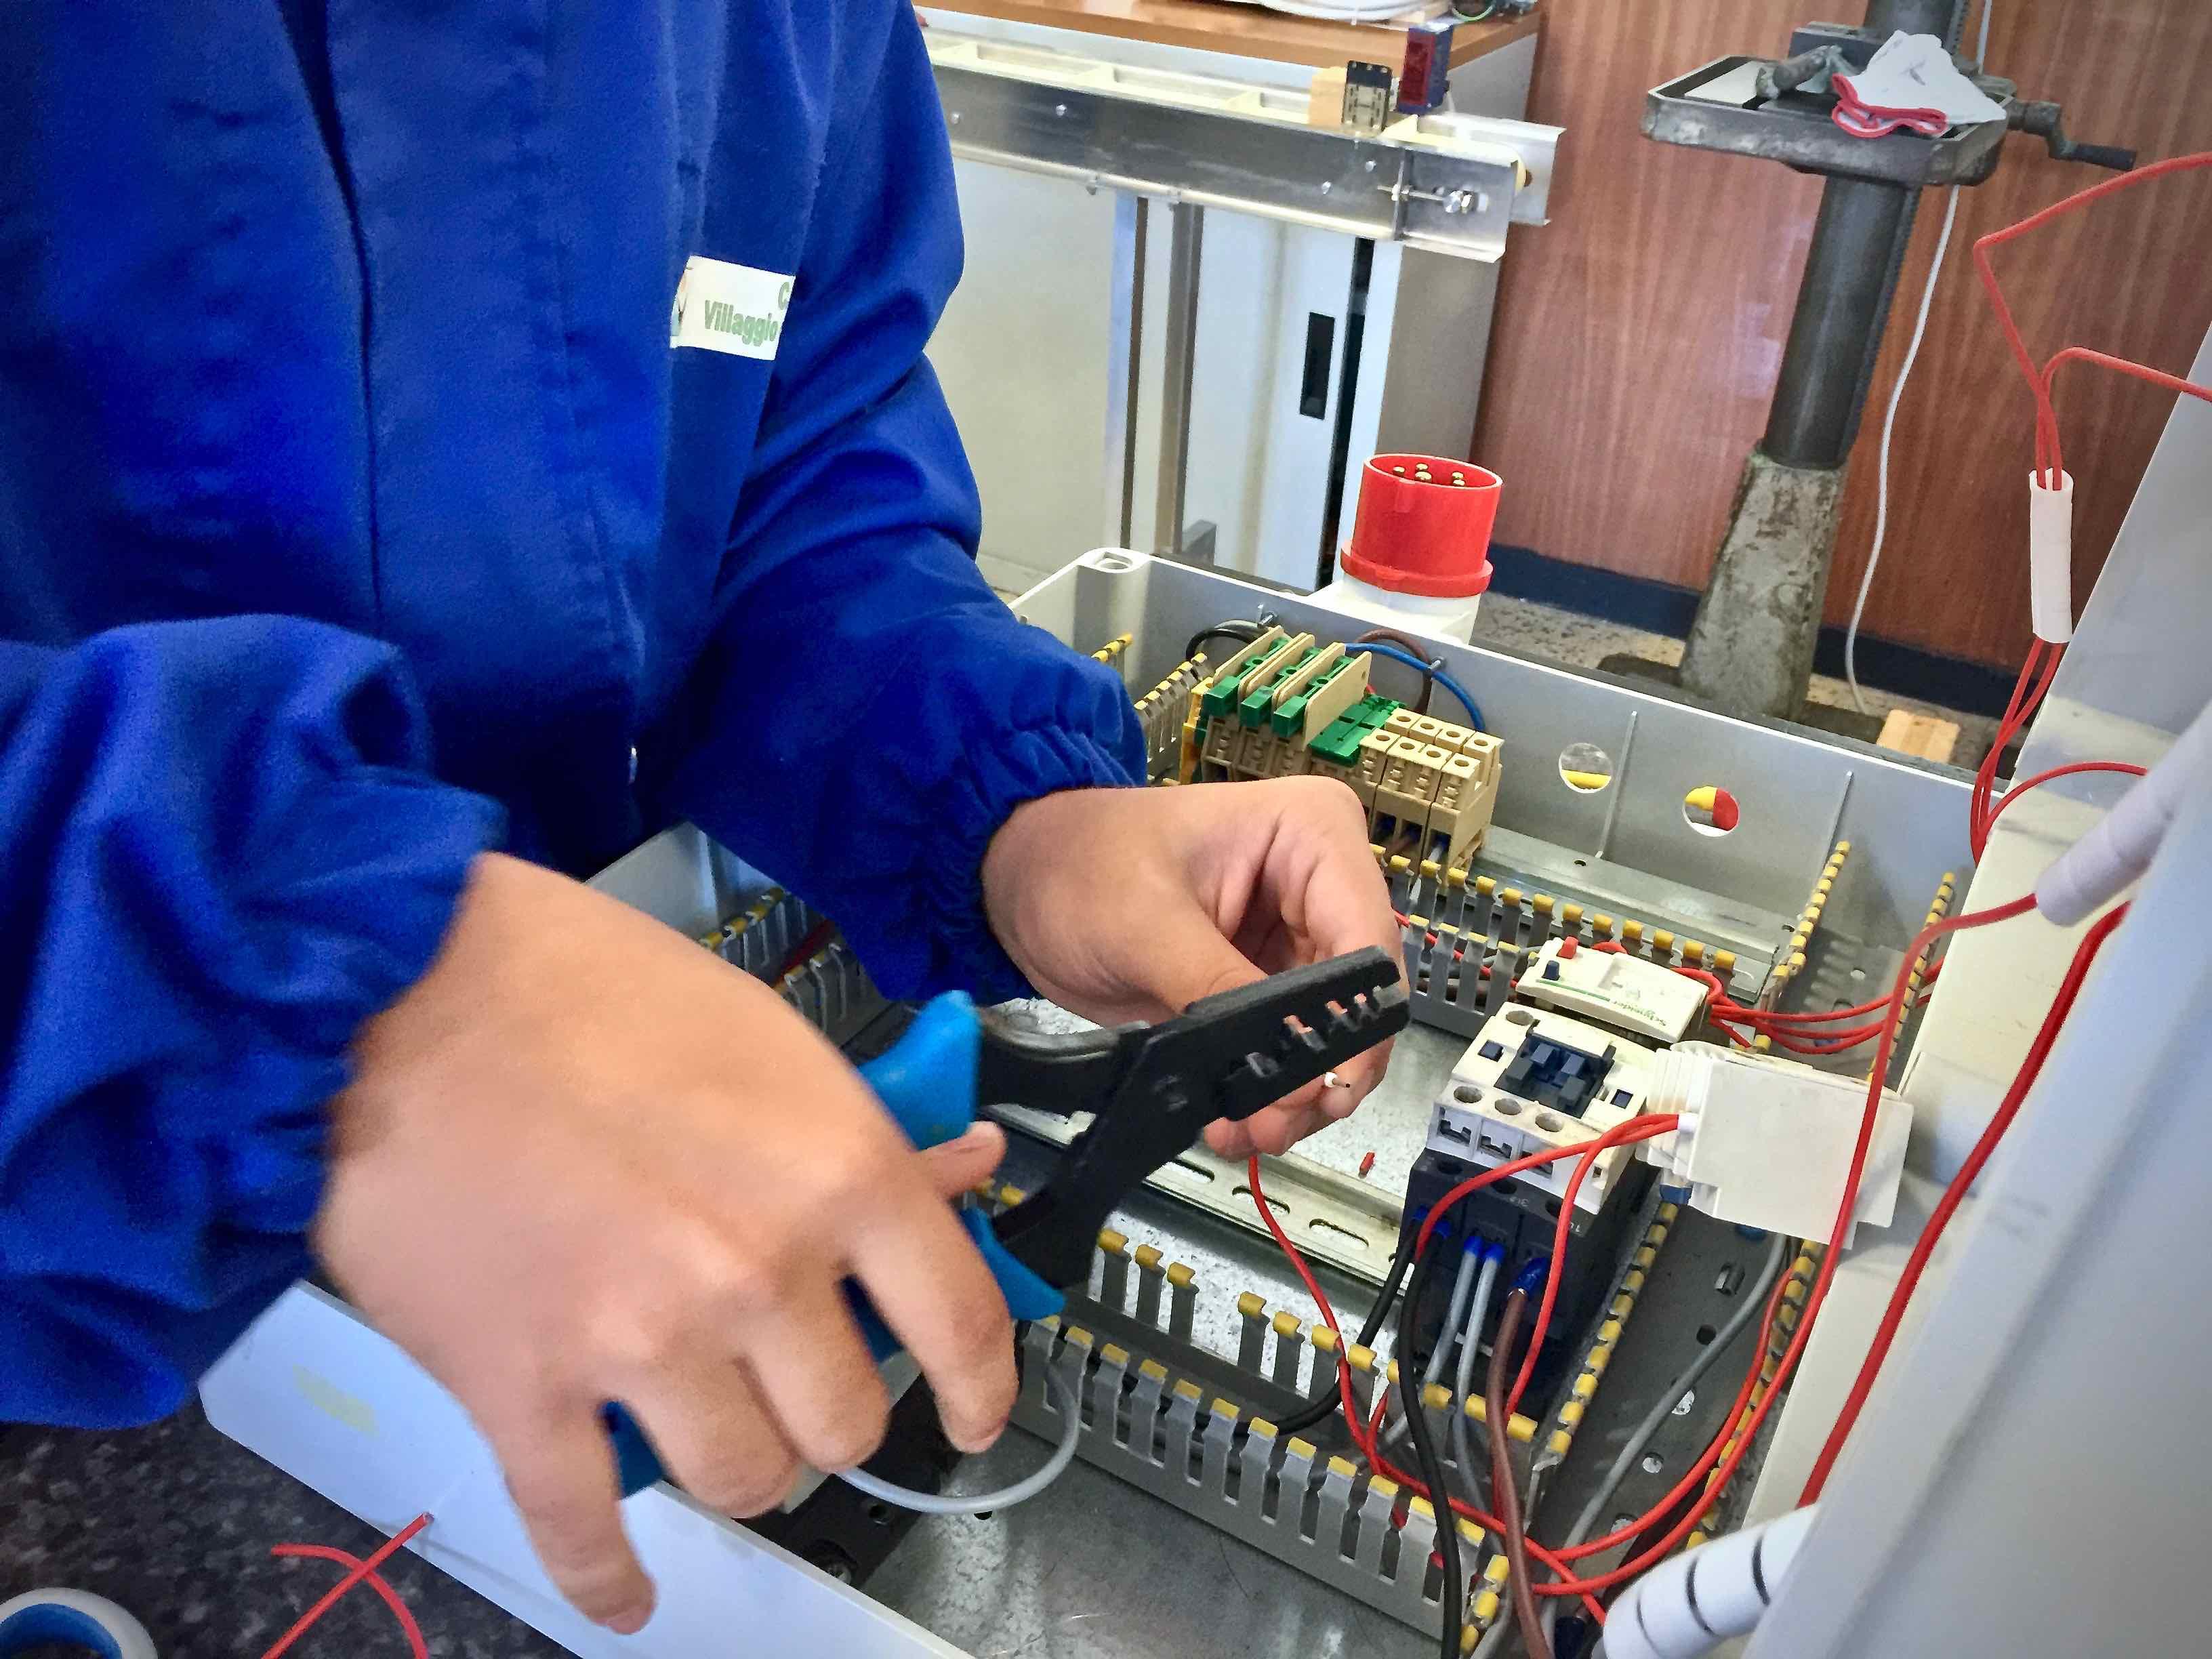 Corsi IeFp Formazione Professionale Villaggio del Ragazzo - Operatore Elettrico